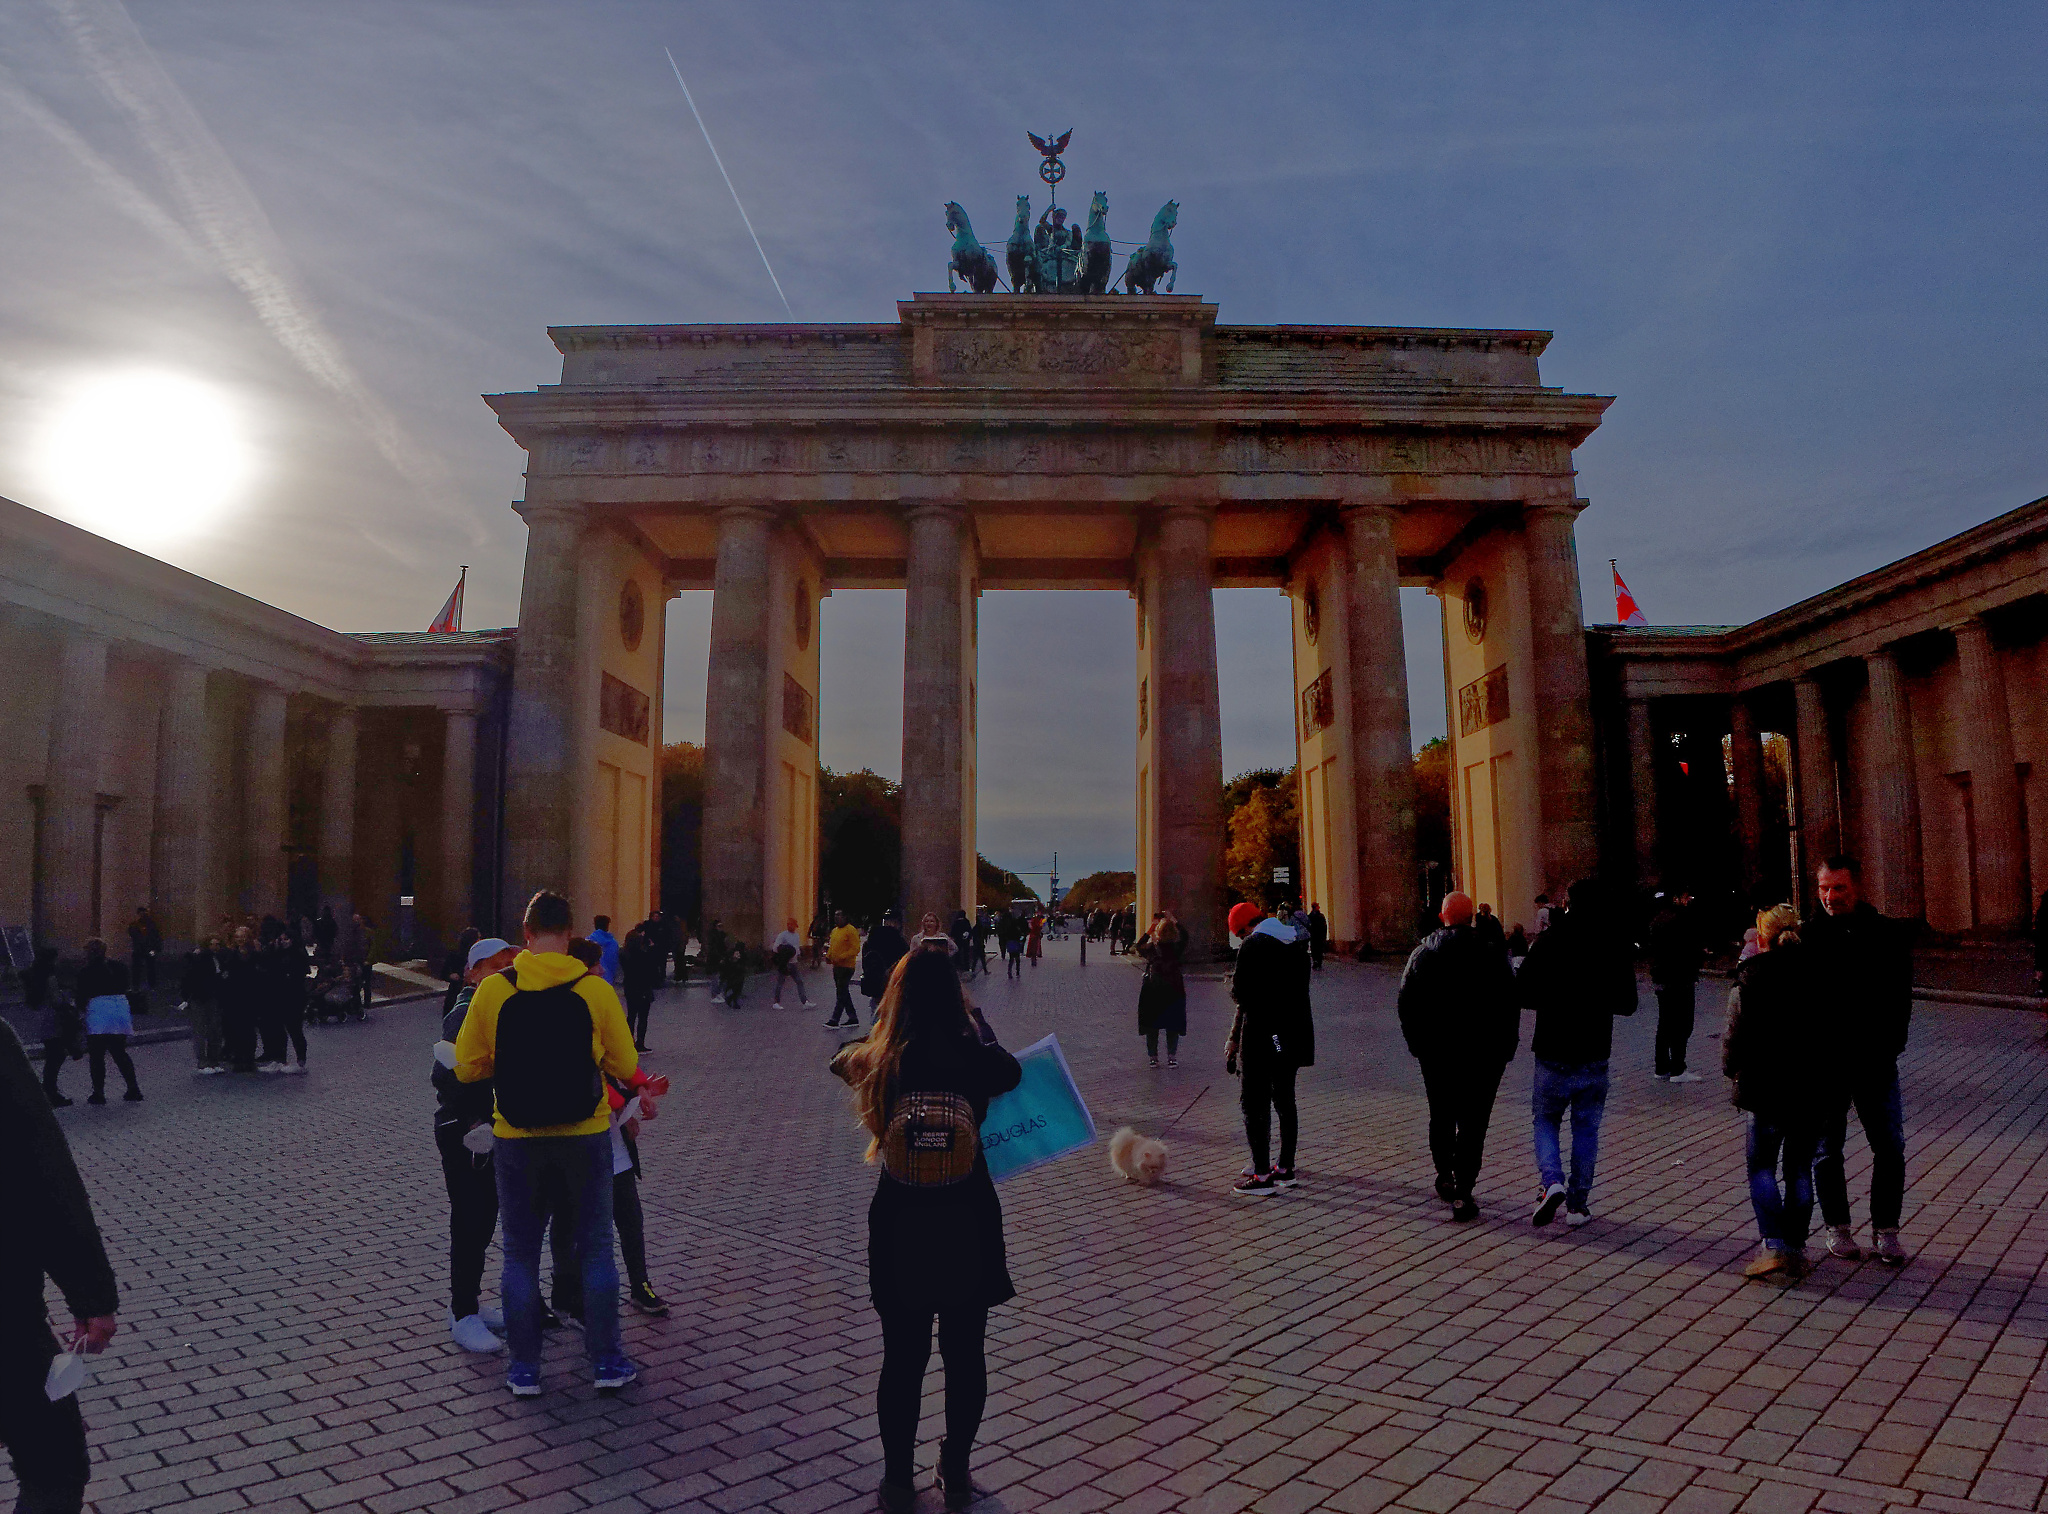 Kliknij obrazek, aby uzyskać większą wersję  Nazwa:Brandenburger Tor.jpg Wyświetleń:6 Rozmiar:1,38 MB ID:238136